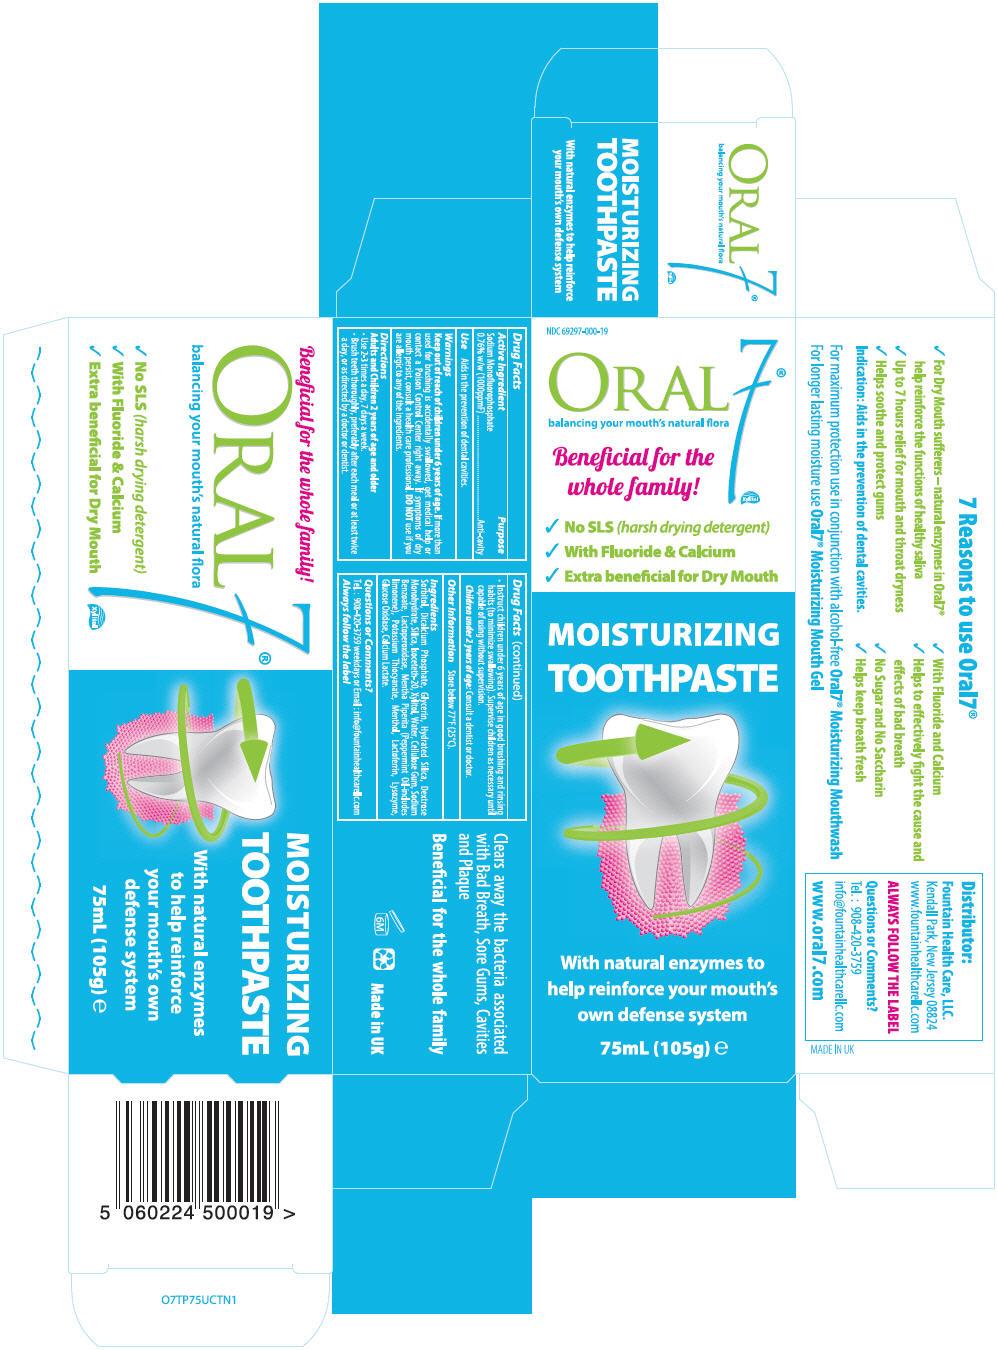 Oral7 (Sodium Monofluorophosphate) Paste [Jcec Company, Inc.]